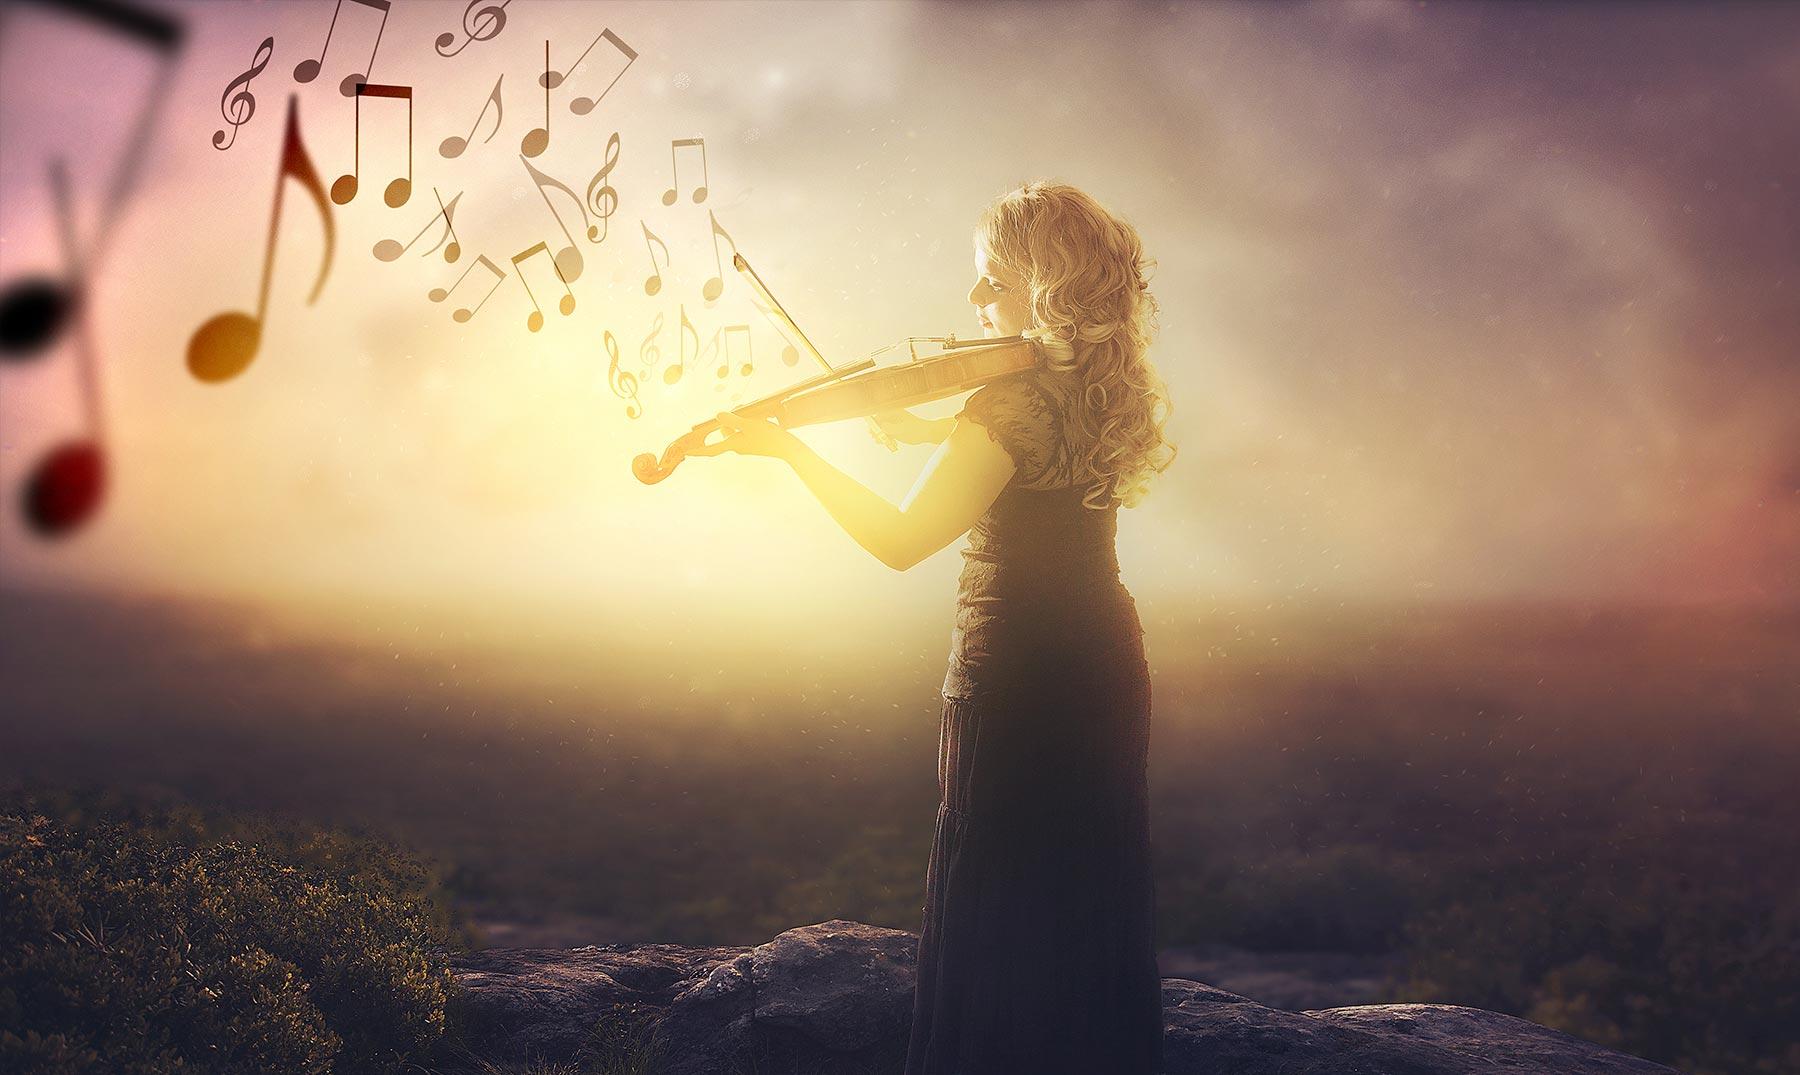 La Melodía Más Relajante Del Mundo Descubierta Por Los Científicos